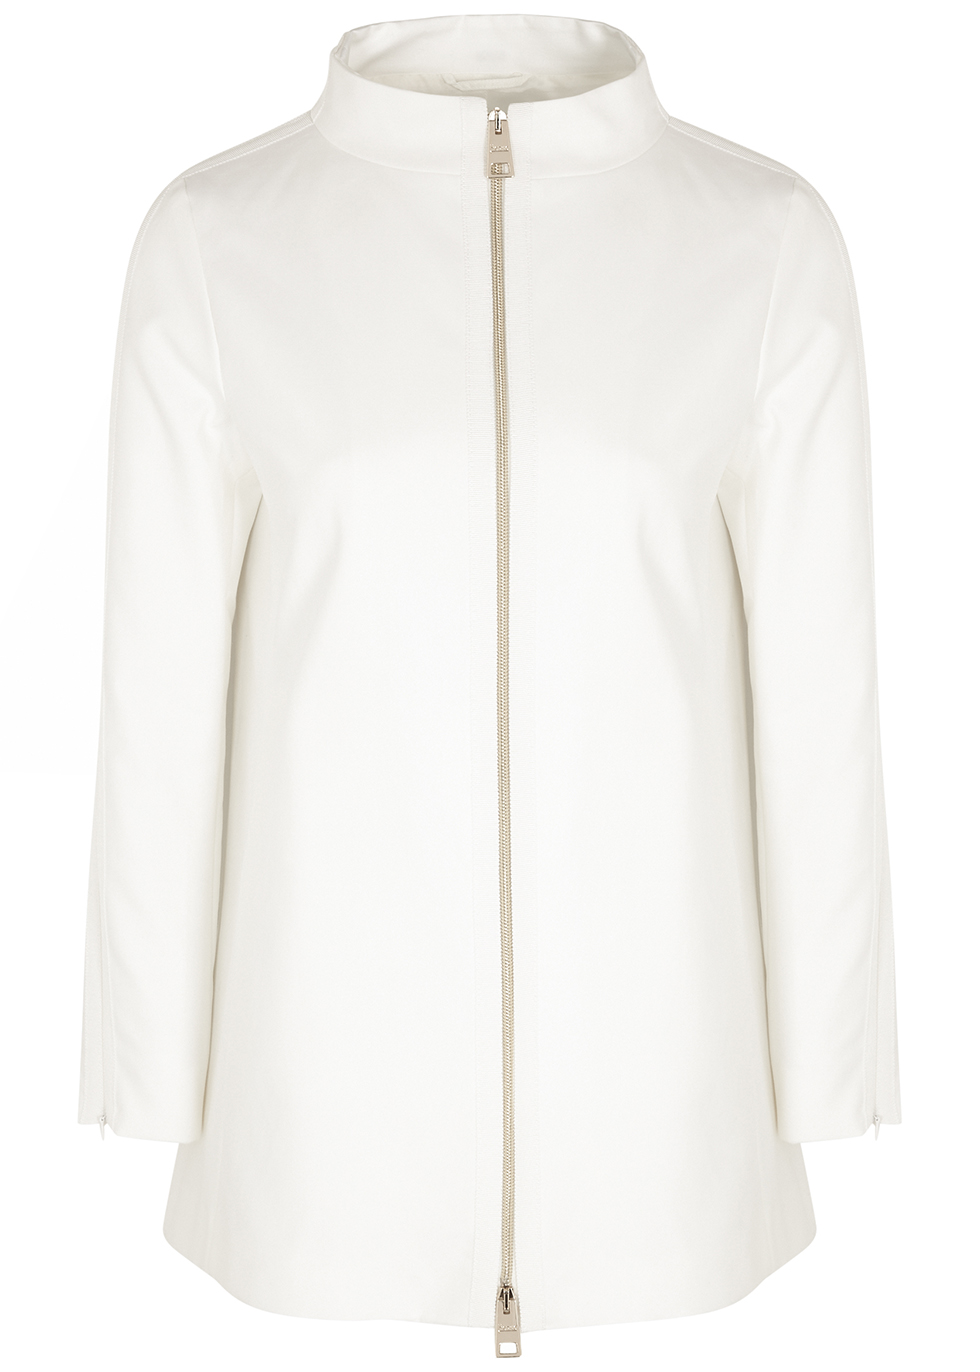 Hepburn white twill jacket